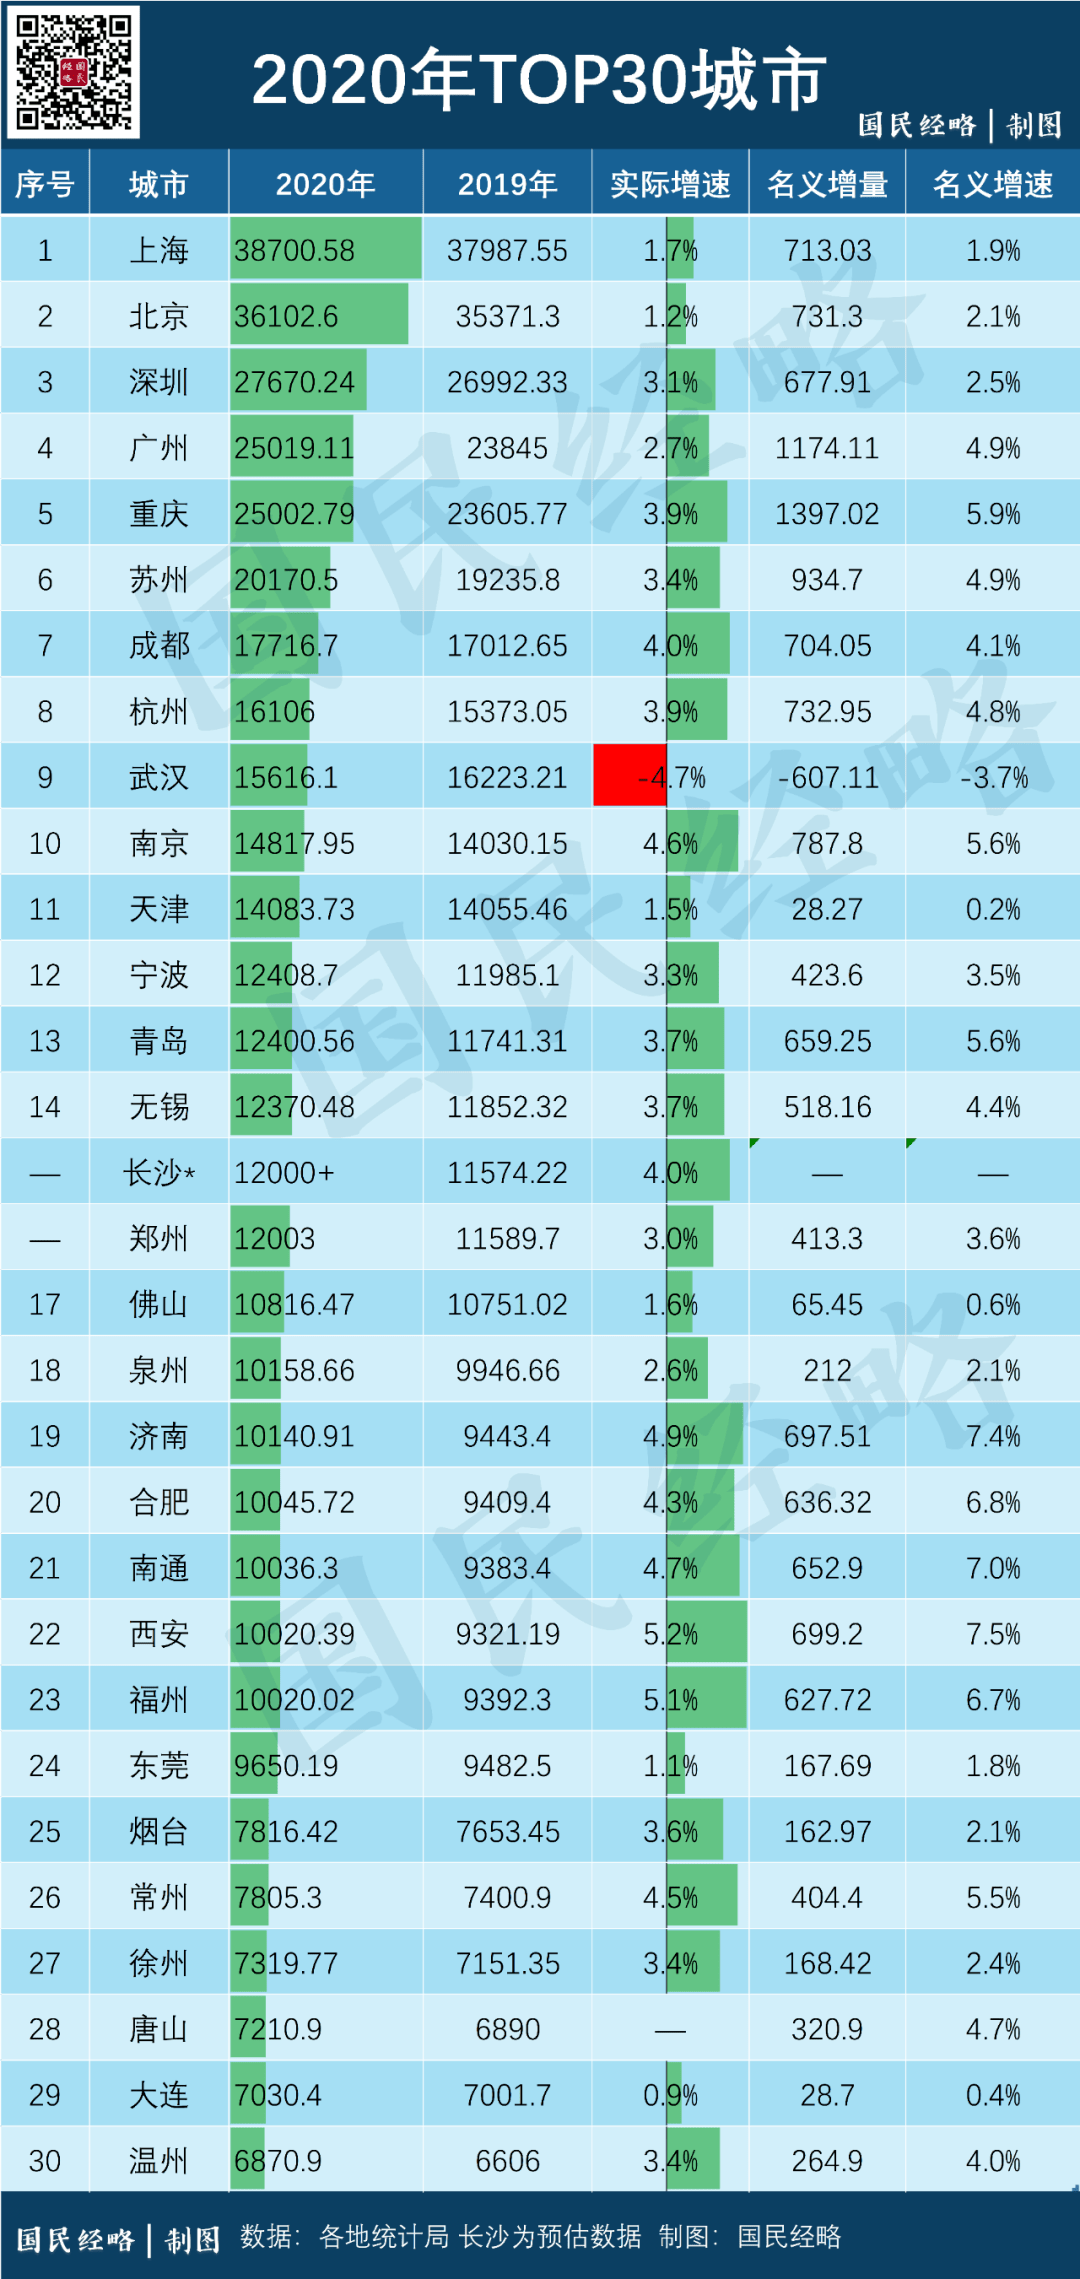 湖南gdp榜单_湖南市州GDP排行榜公布, 快来看看常德排第几